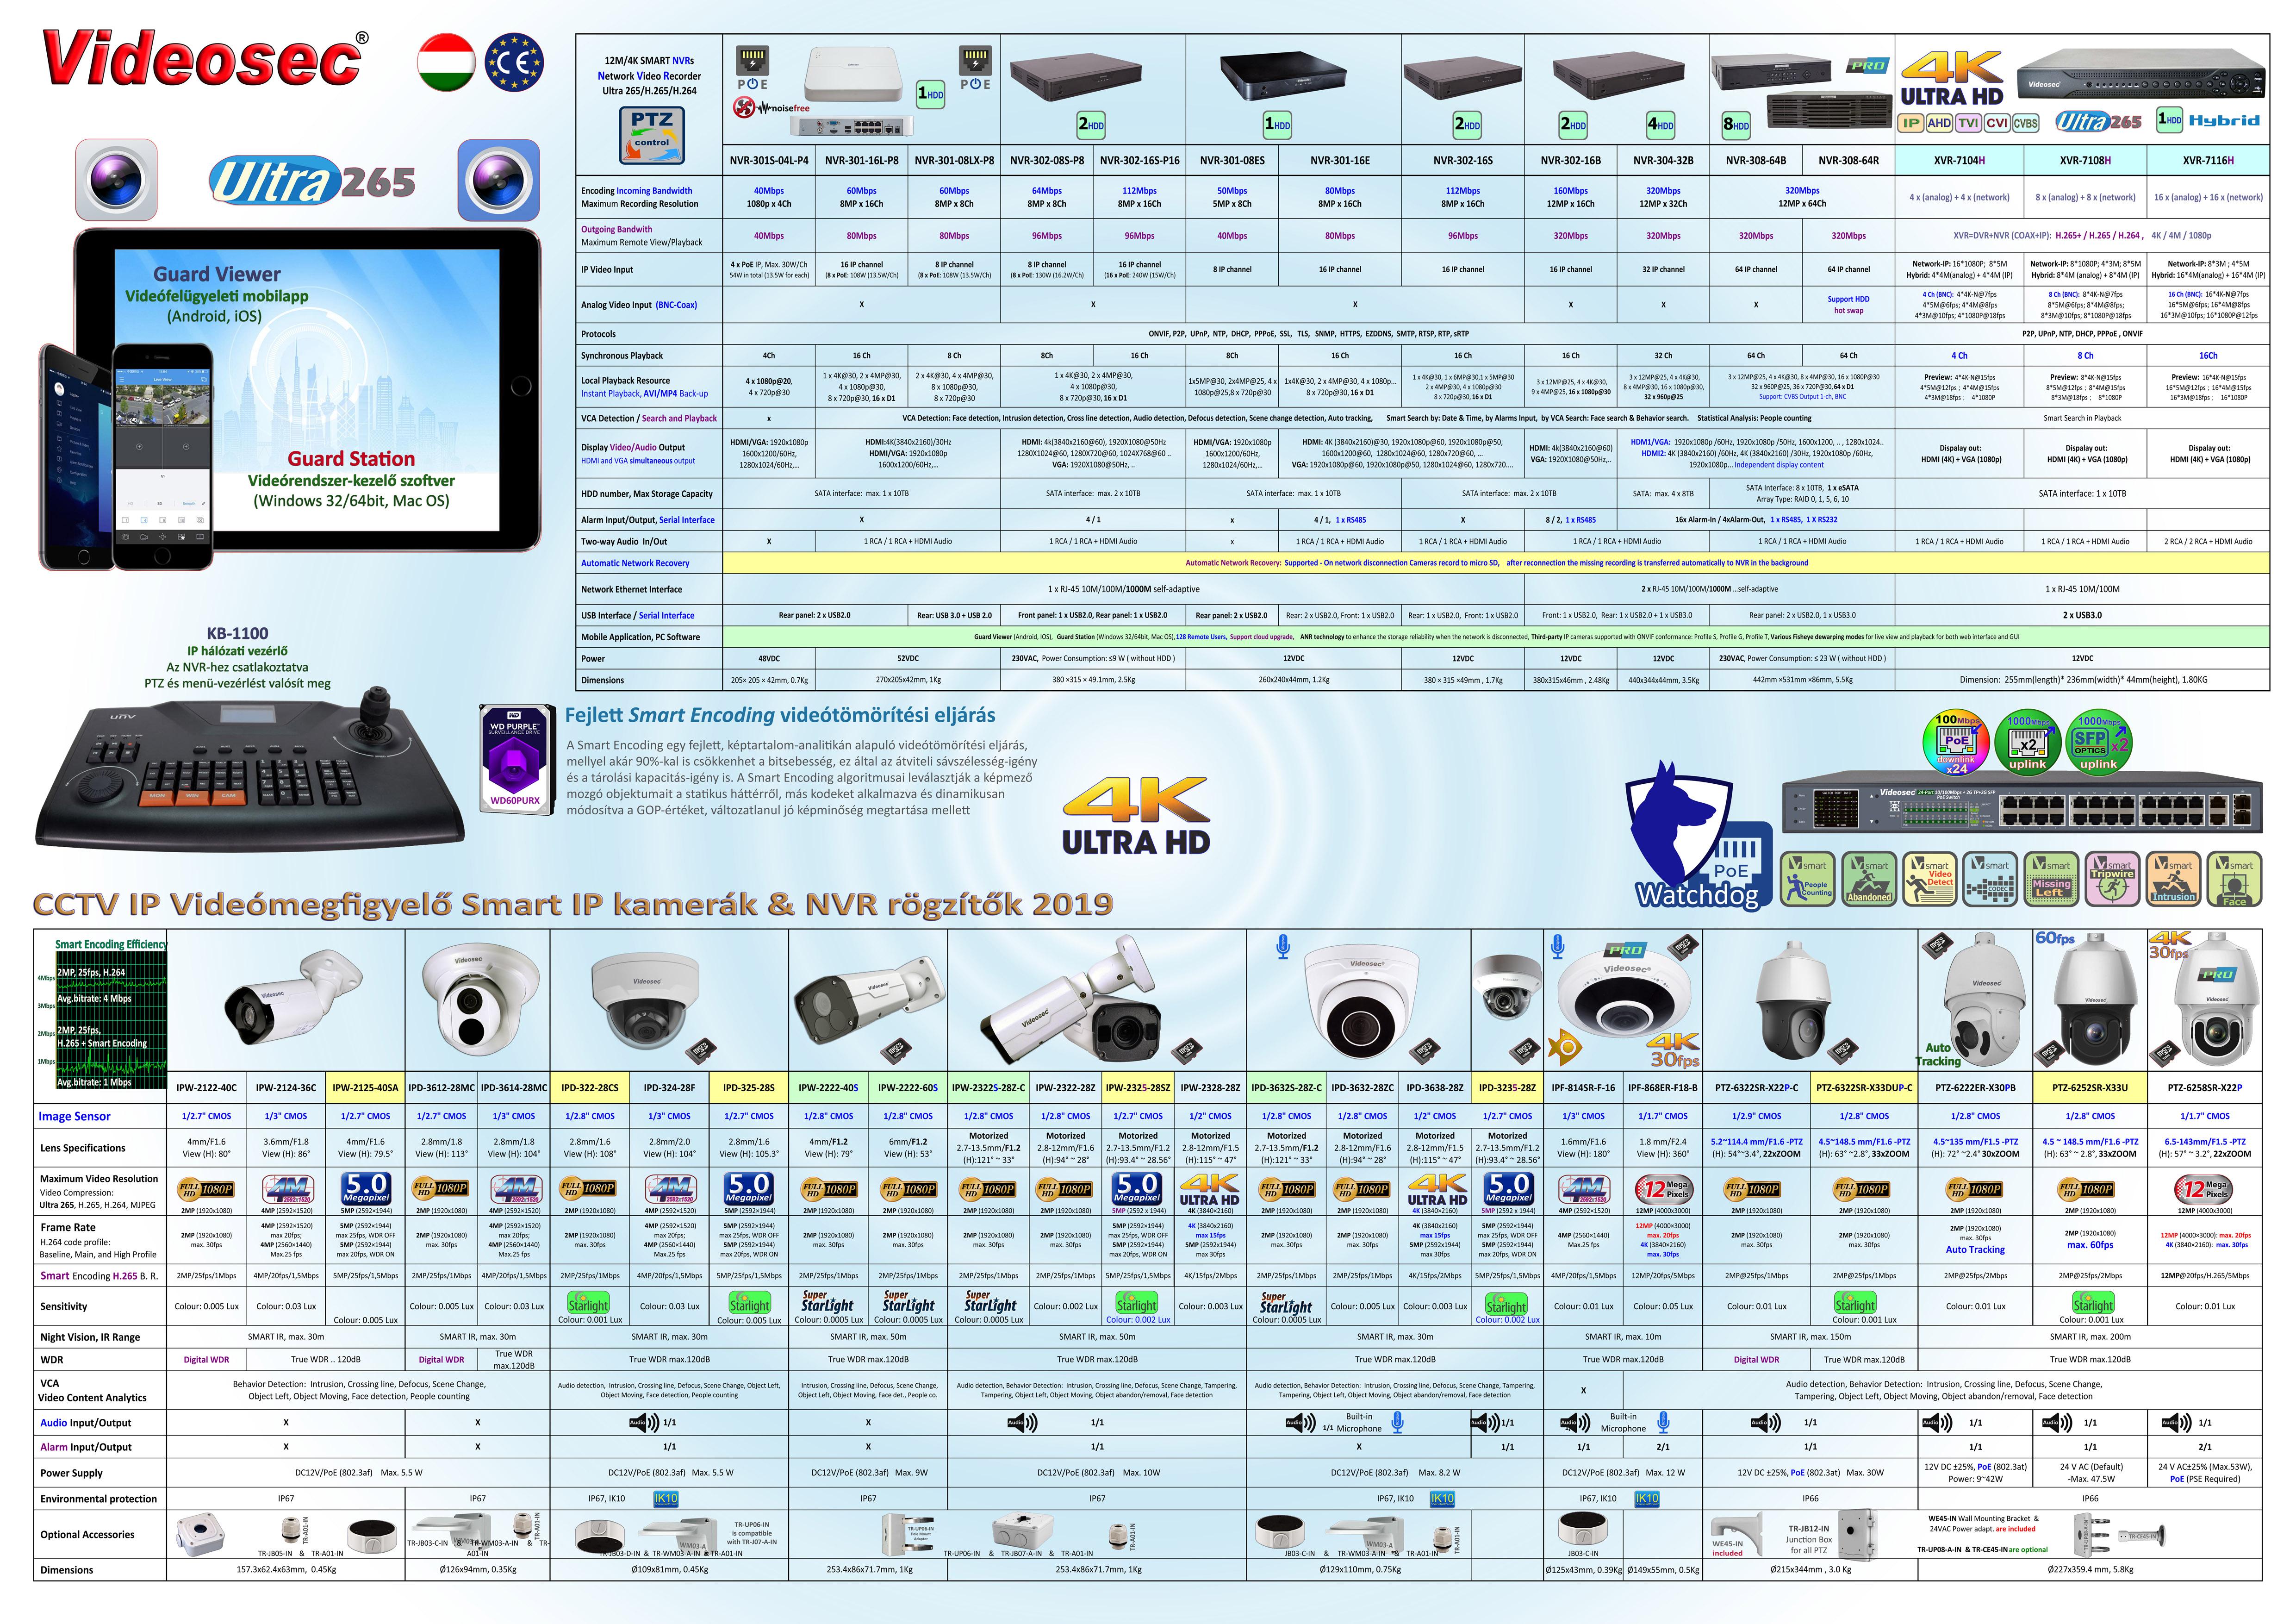 Videosec Smart IP család 2019 évben tervezhető project termékeinek  összefoglaló táblázat 6f9240f89a